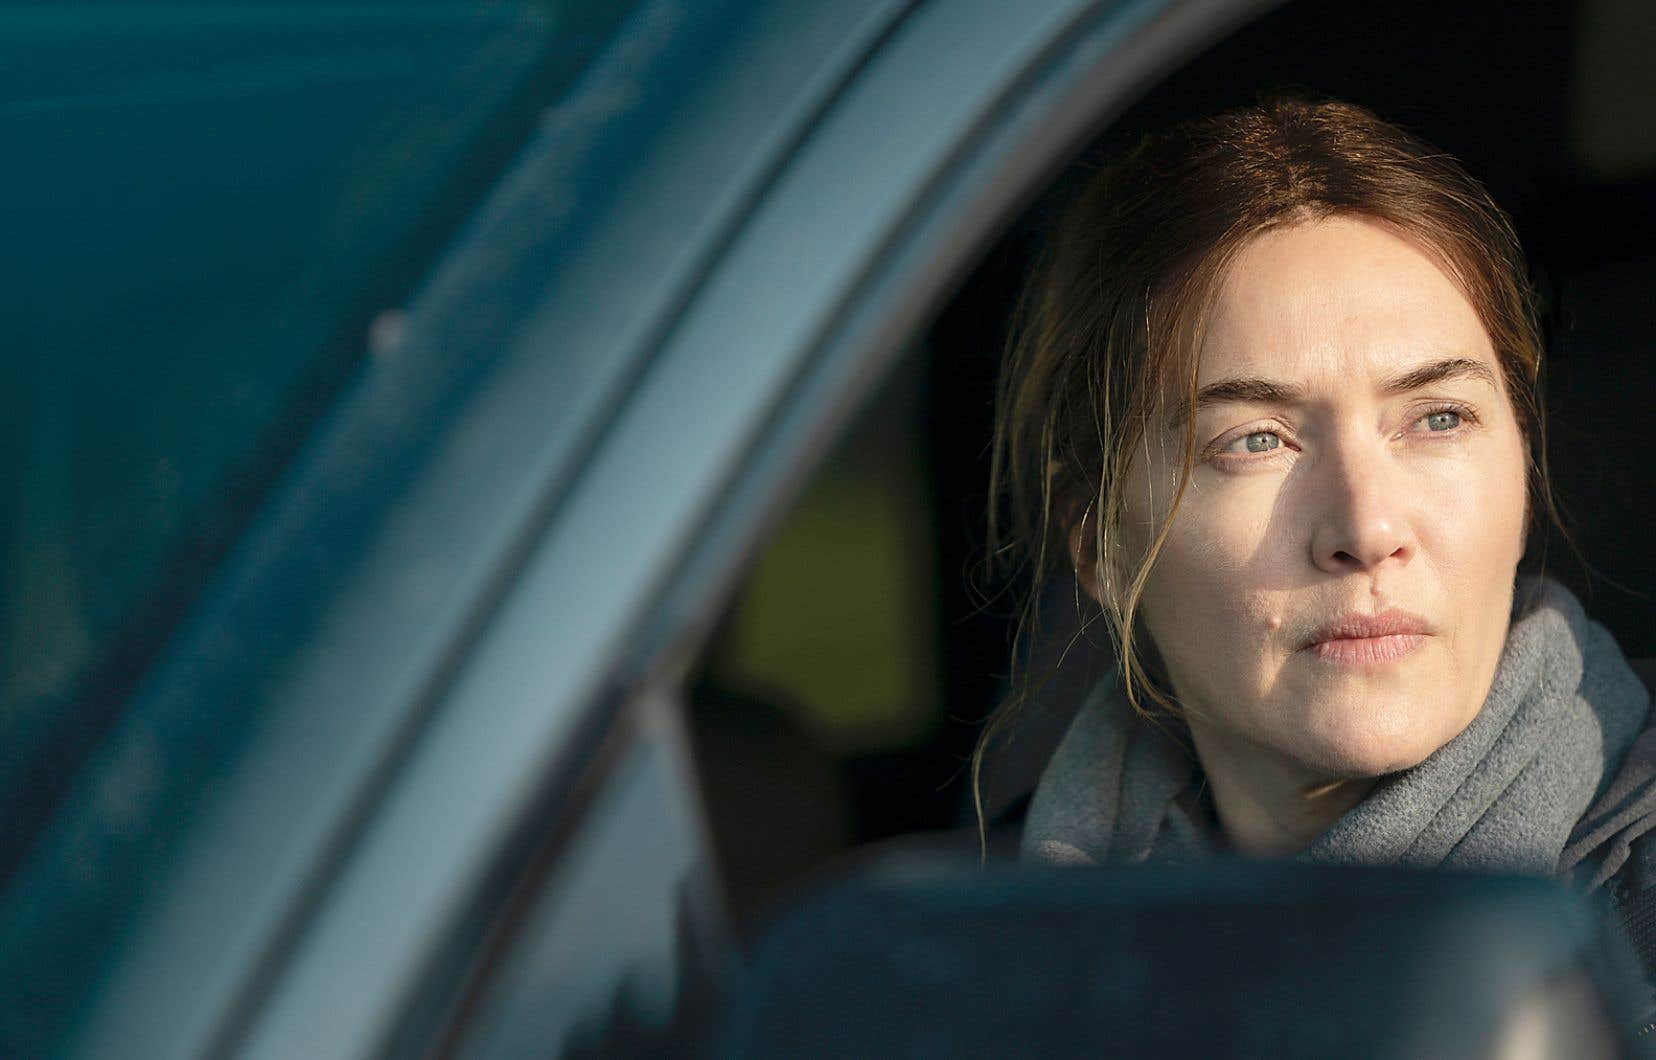 Grâce au brio de Kate Winslet dans le rôle de Mare, cette héroïne imparfaite, souvent impitoyable envers les autres et elle-même, s'avère d'une grande crédibilité.